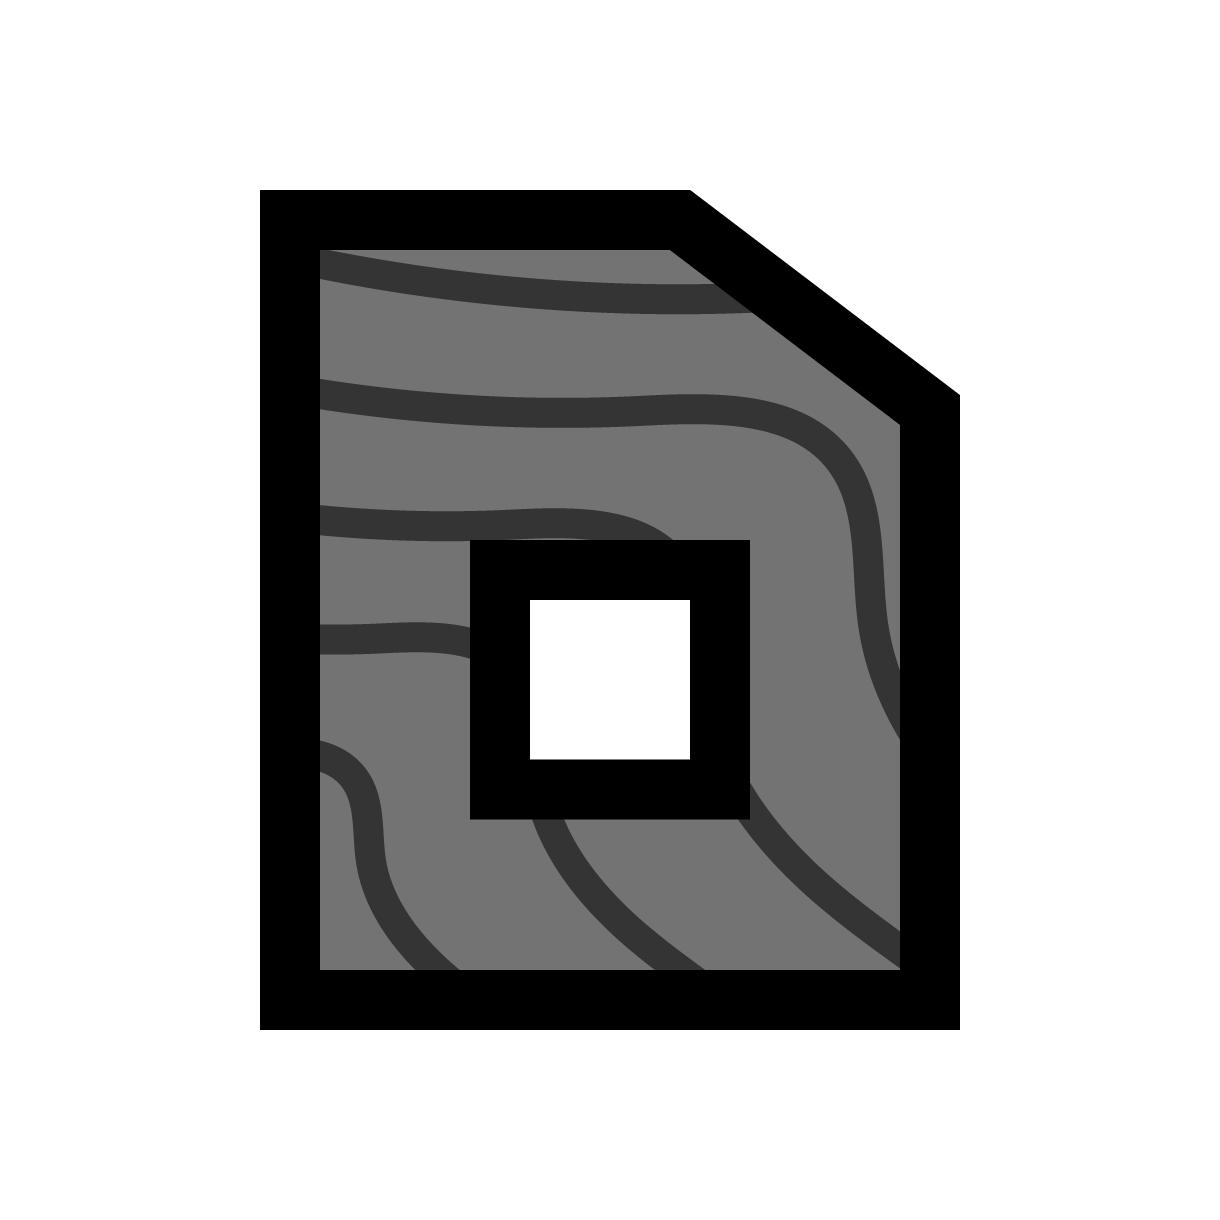 atlas_icon_sim-01